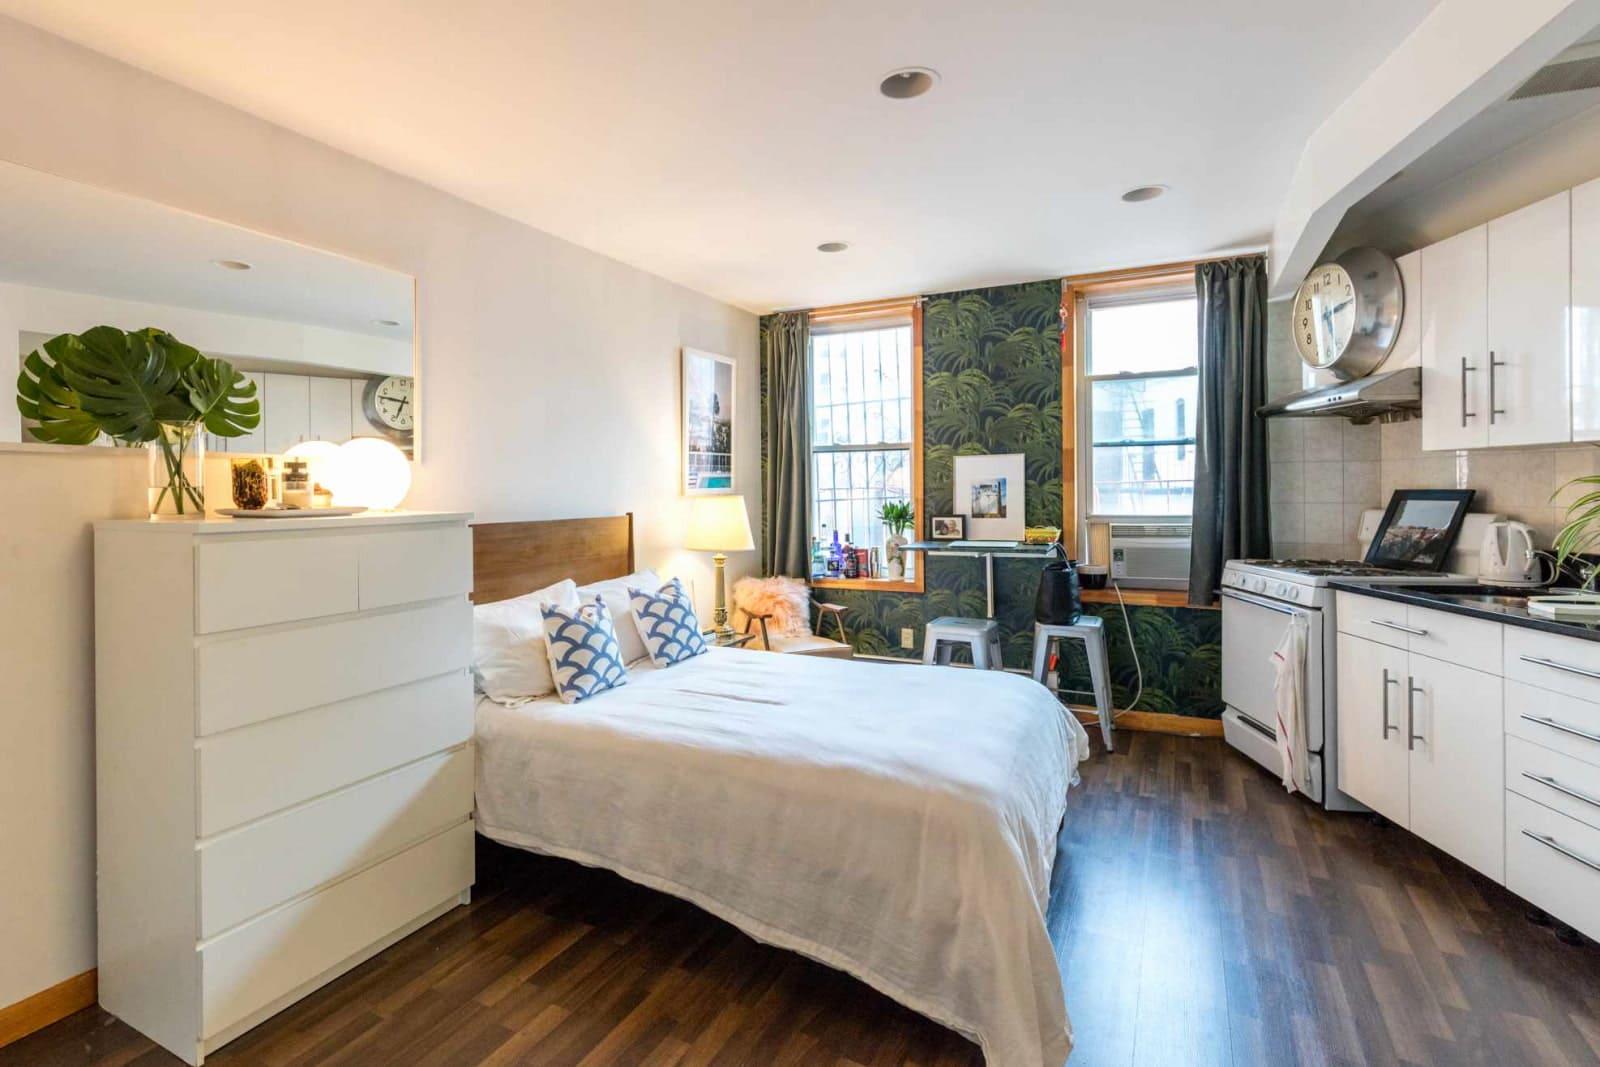 кухня спальня в едином дизайне